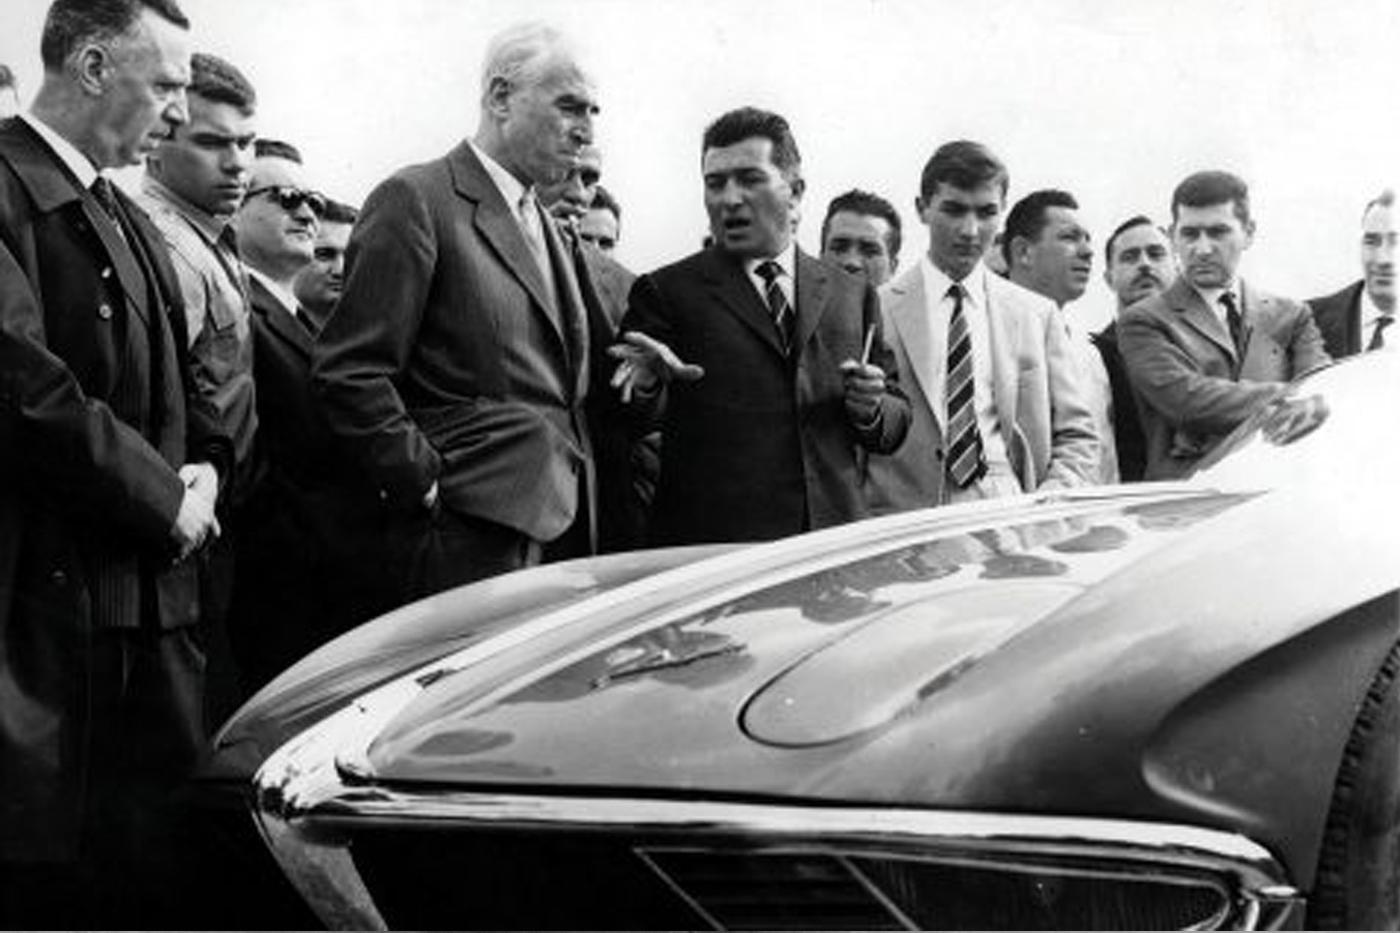 Enzo Ferrari'nin Ferruccio Lamborghini'nin önerilerine verdiği yanıt hiç de olumlu değildi